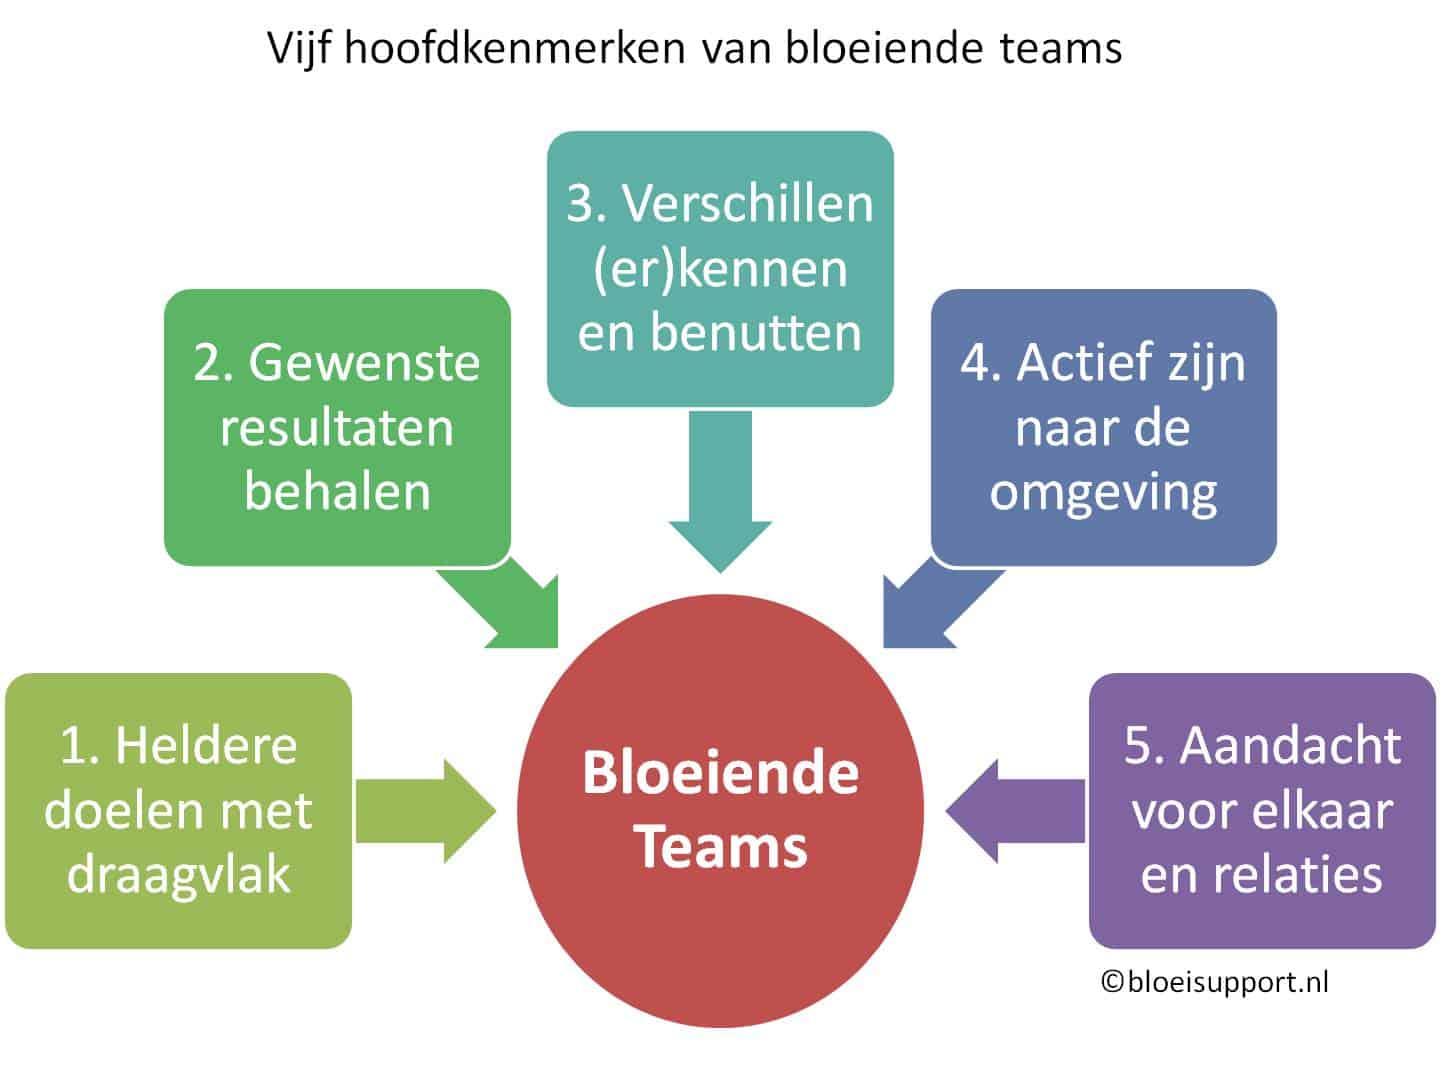 Vijf raandachtspunten voor excellente teams - ©Bloeisupport.nl